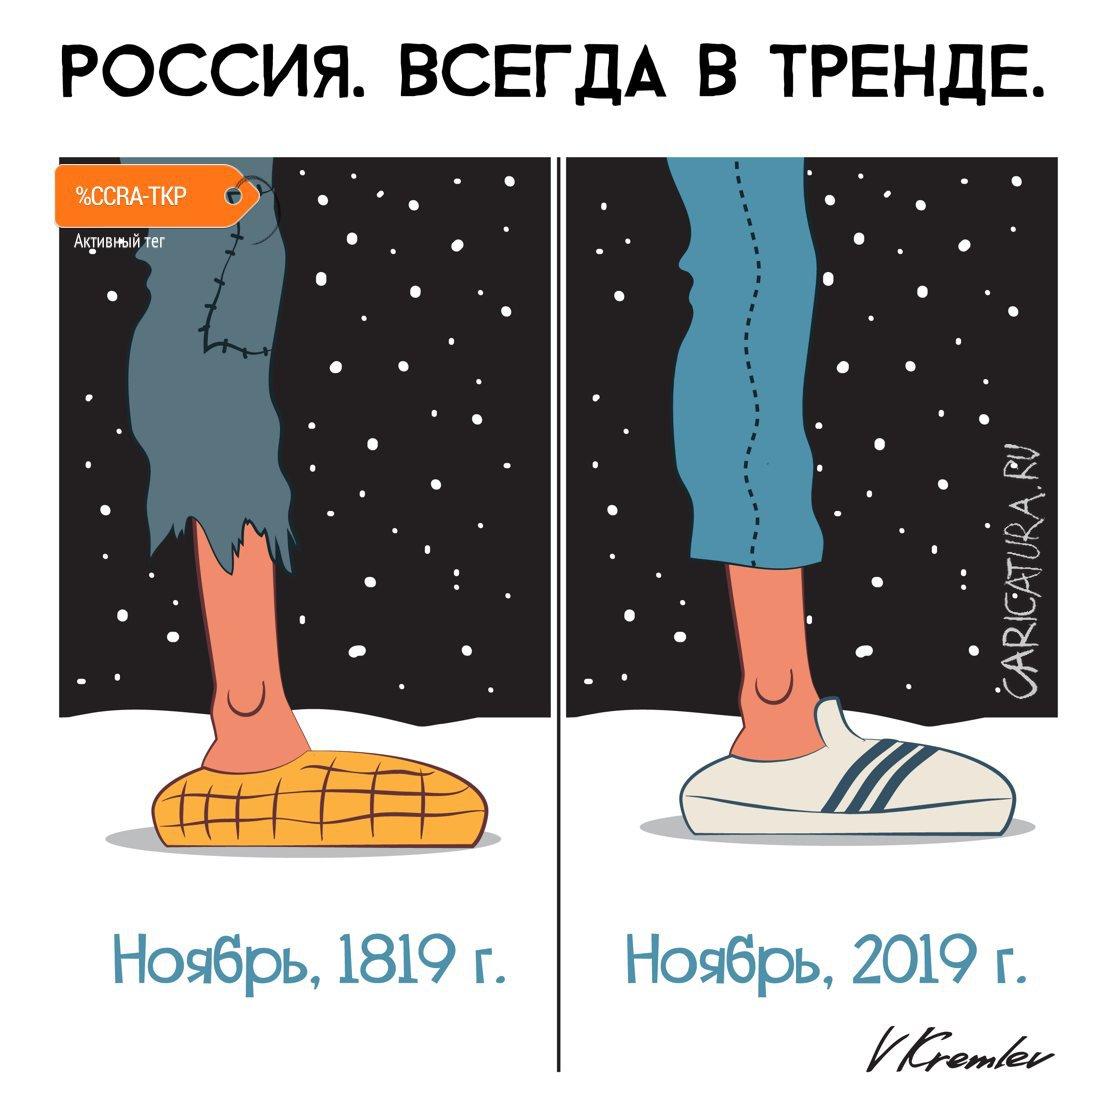 Синие щиколотки, Владимир Кремлёв